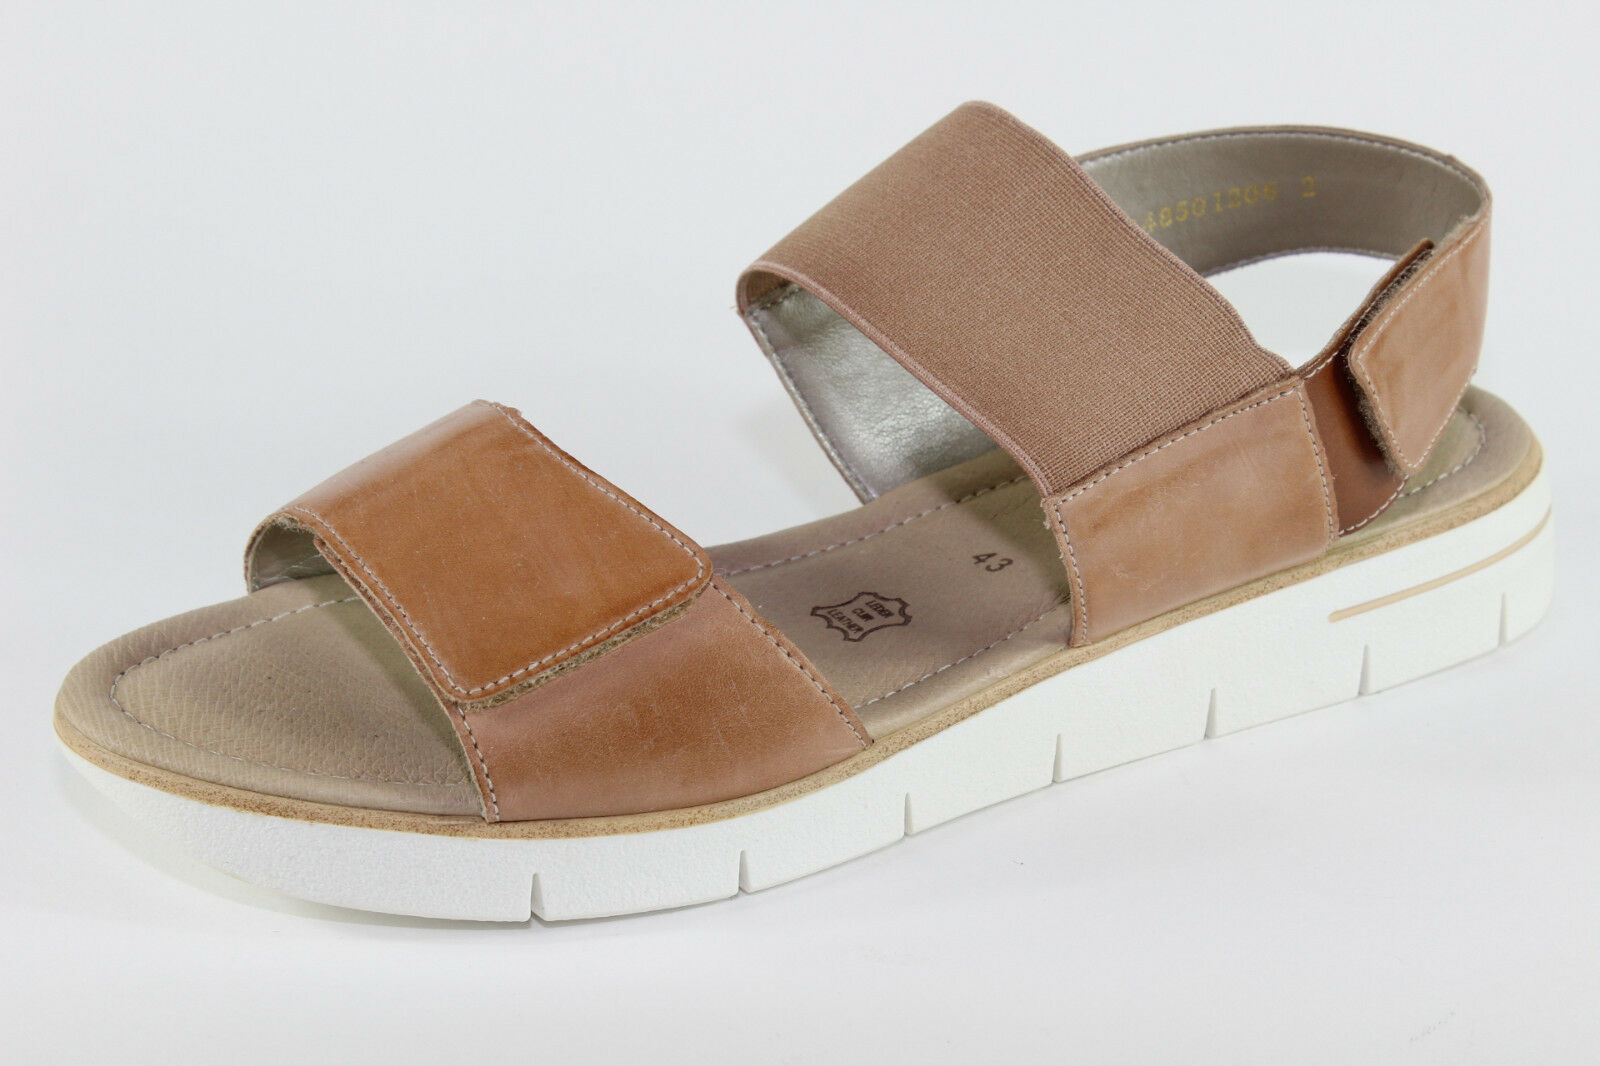 Remonte bequeme D3955-20, bequeme Remonte Sandalette für Damen **Übergröße** 96359c